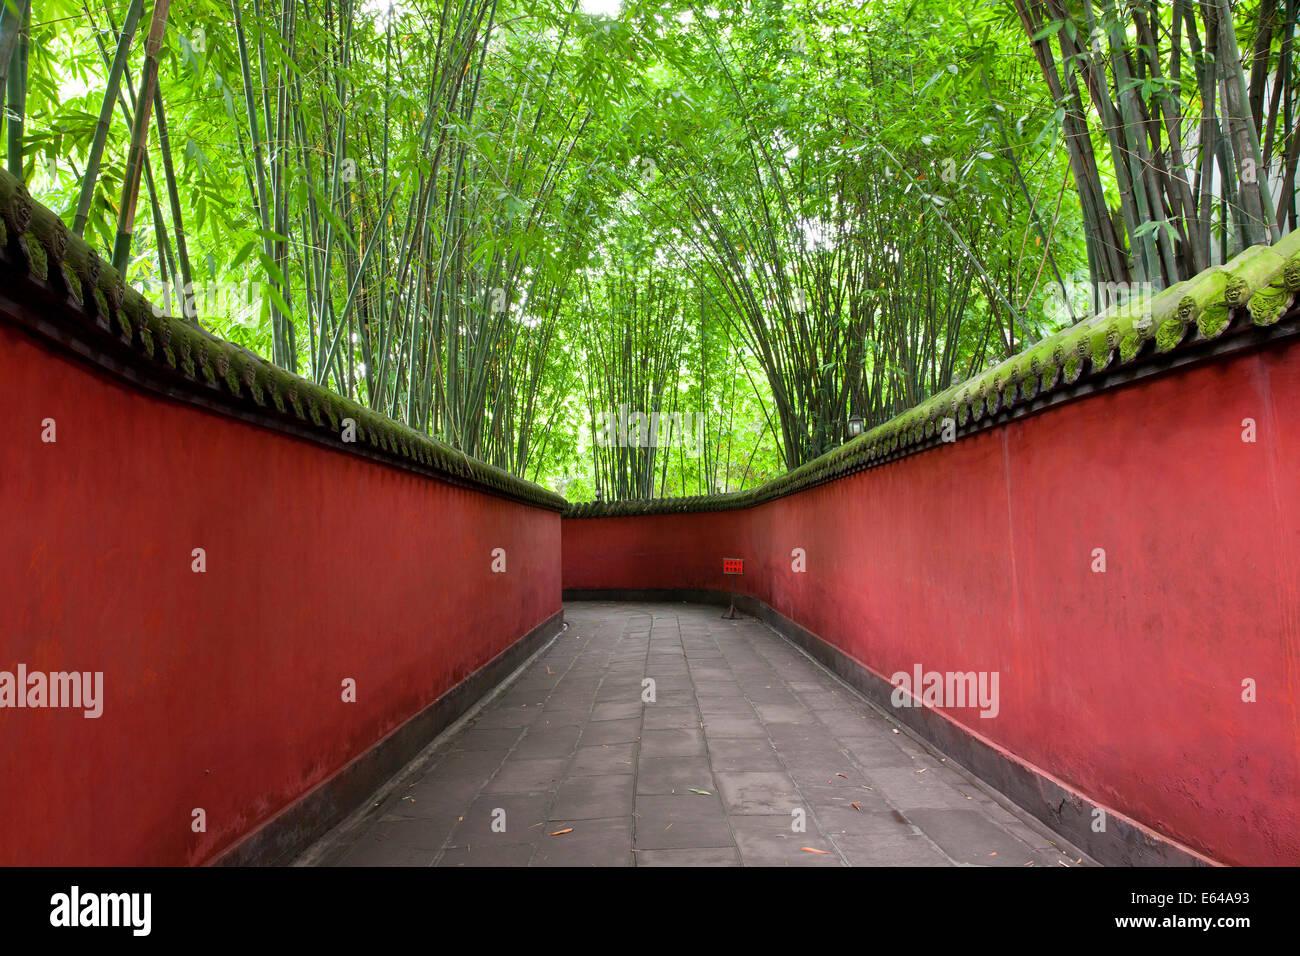 Pasarela de dosel con bambú, Wuhou Santuario de Chengdu, Sichuan, China Imagen De Stock